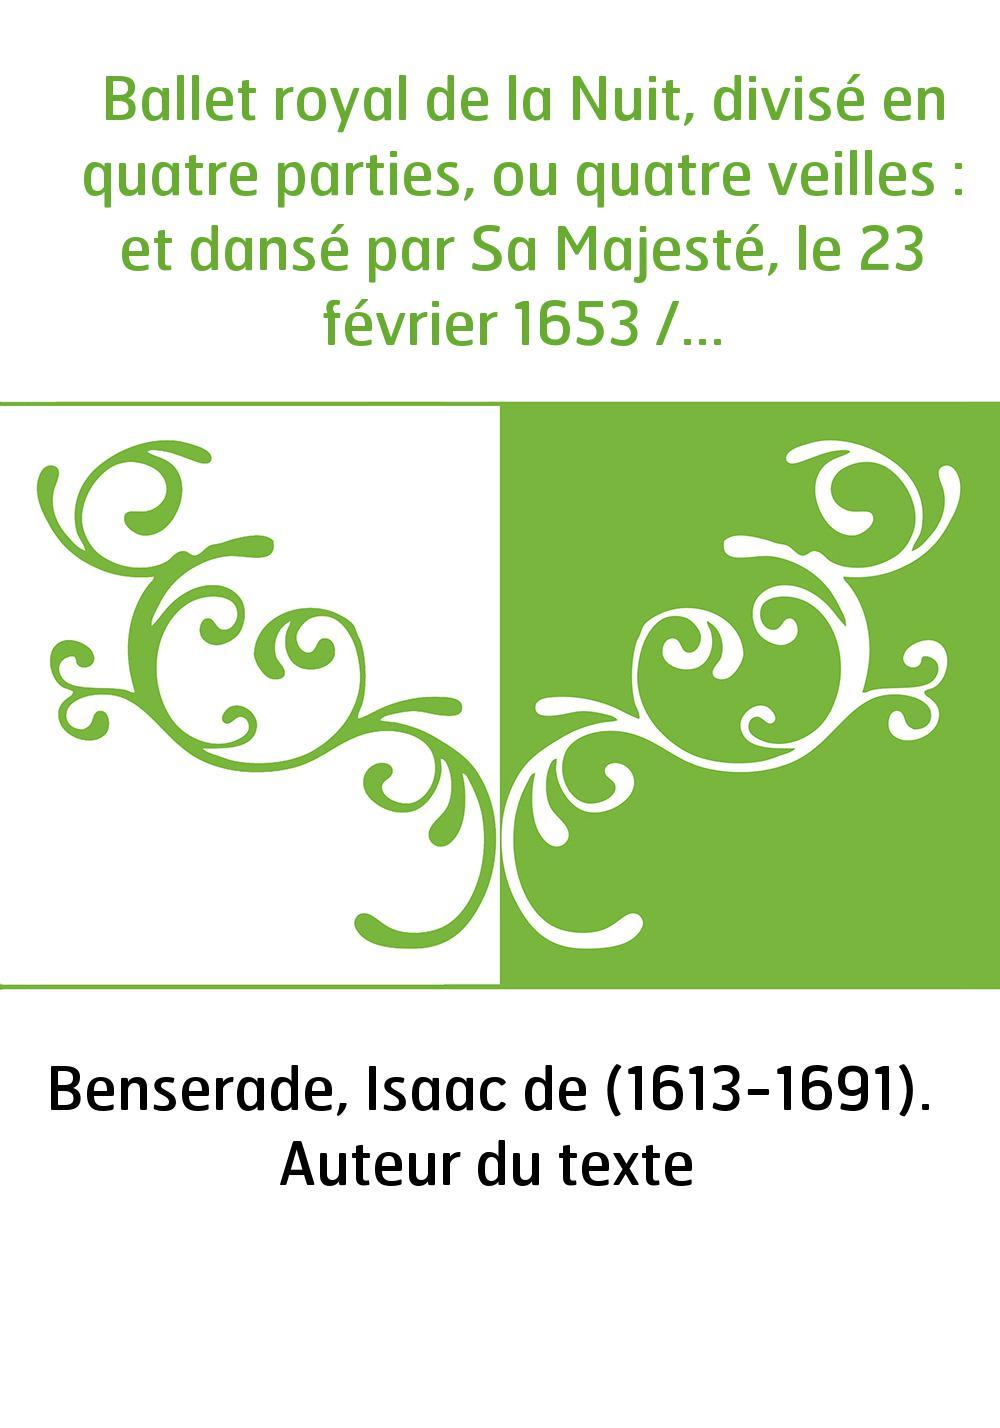 Ballet royal de la Nuit, divisé en quatre parties, ou quatre veilles : et dansé par Sa Majesté, le 23 février 1653 / (par I. de